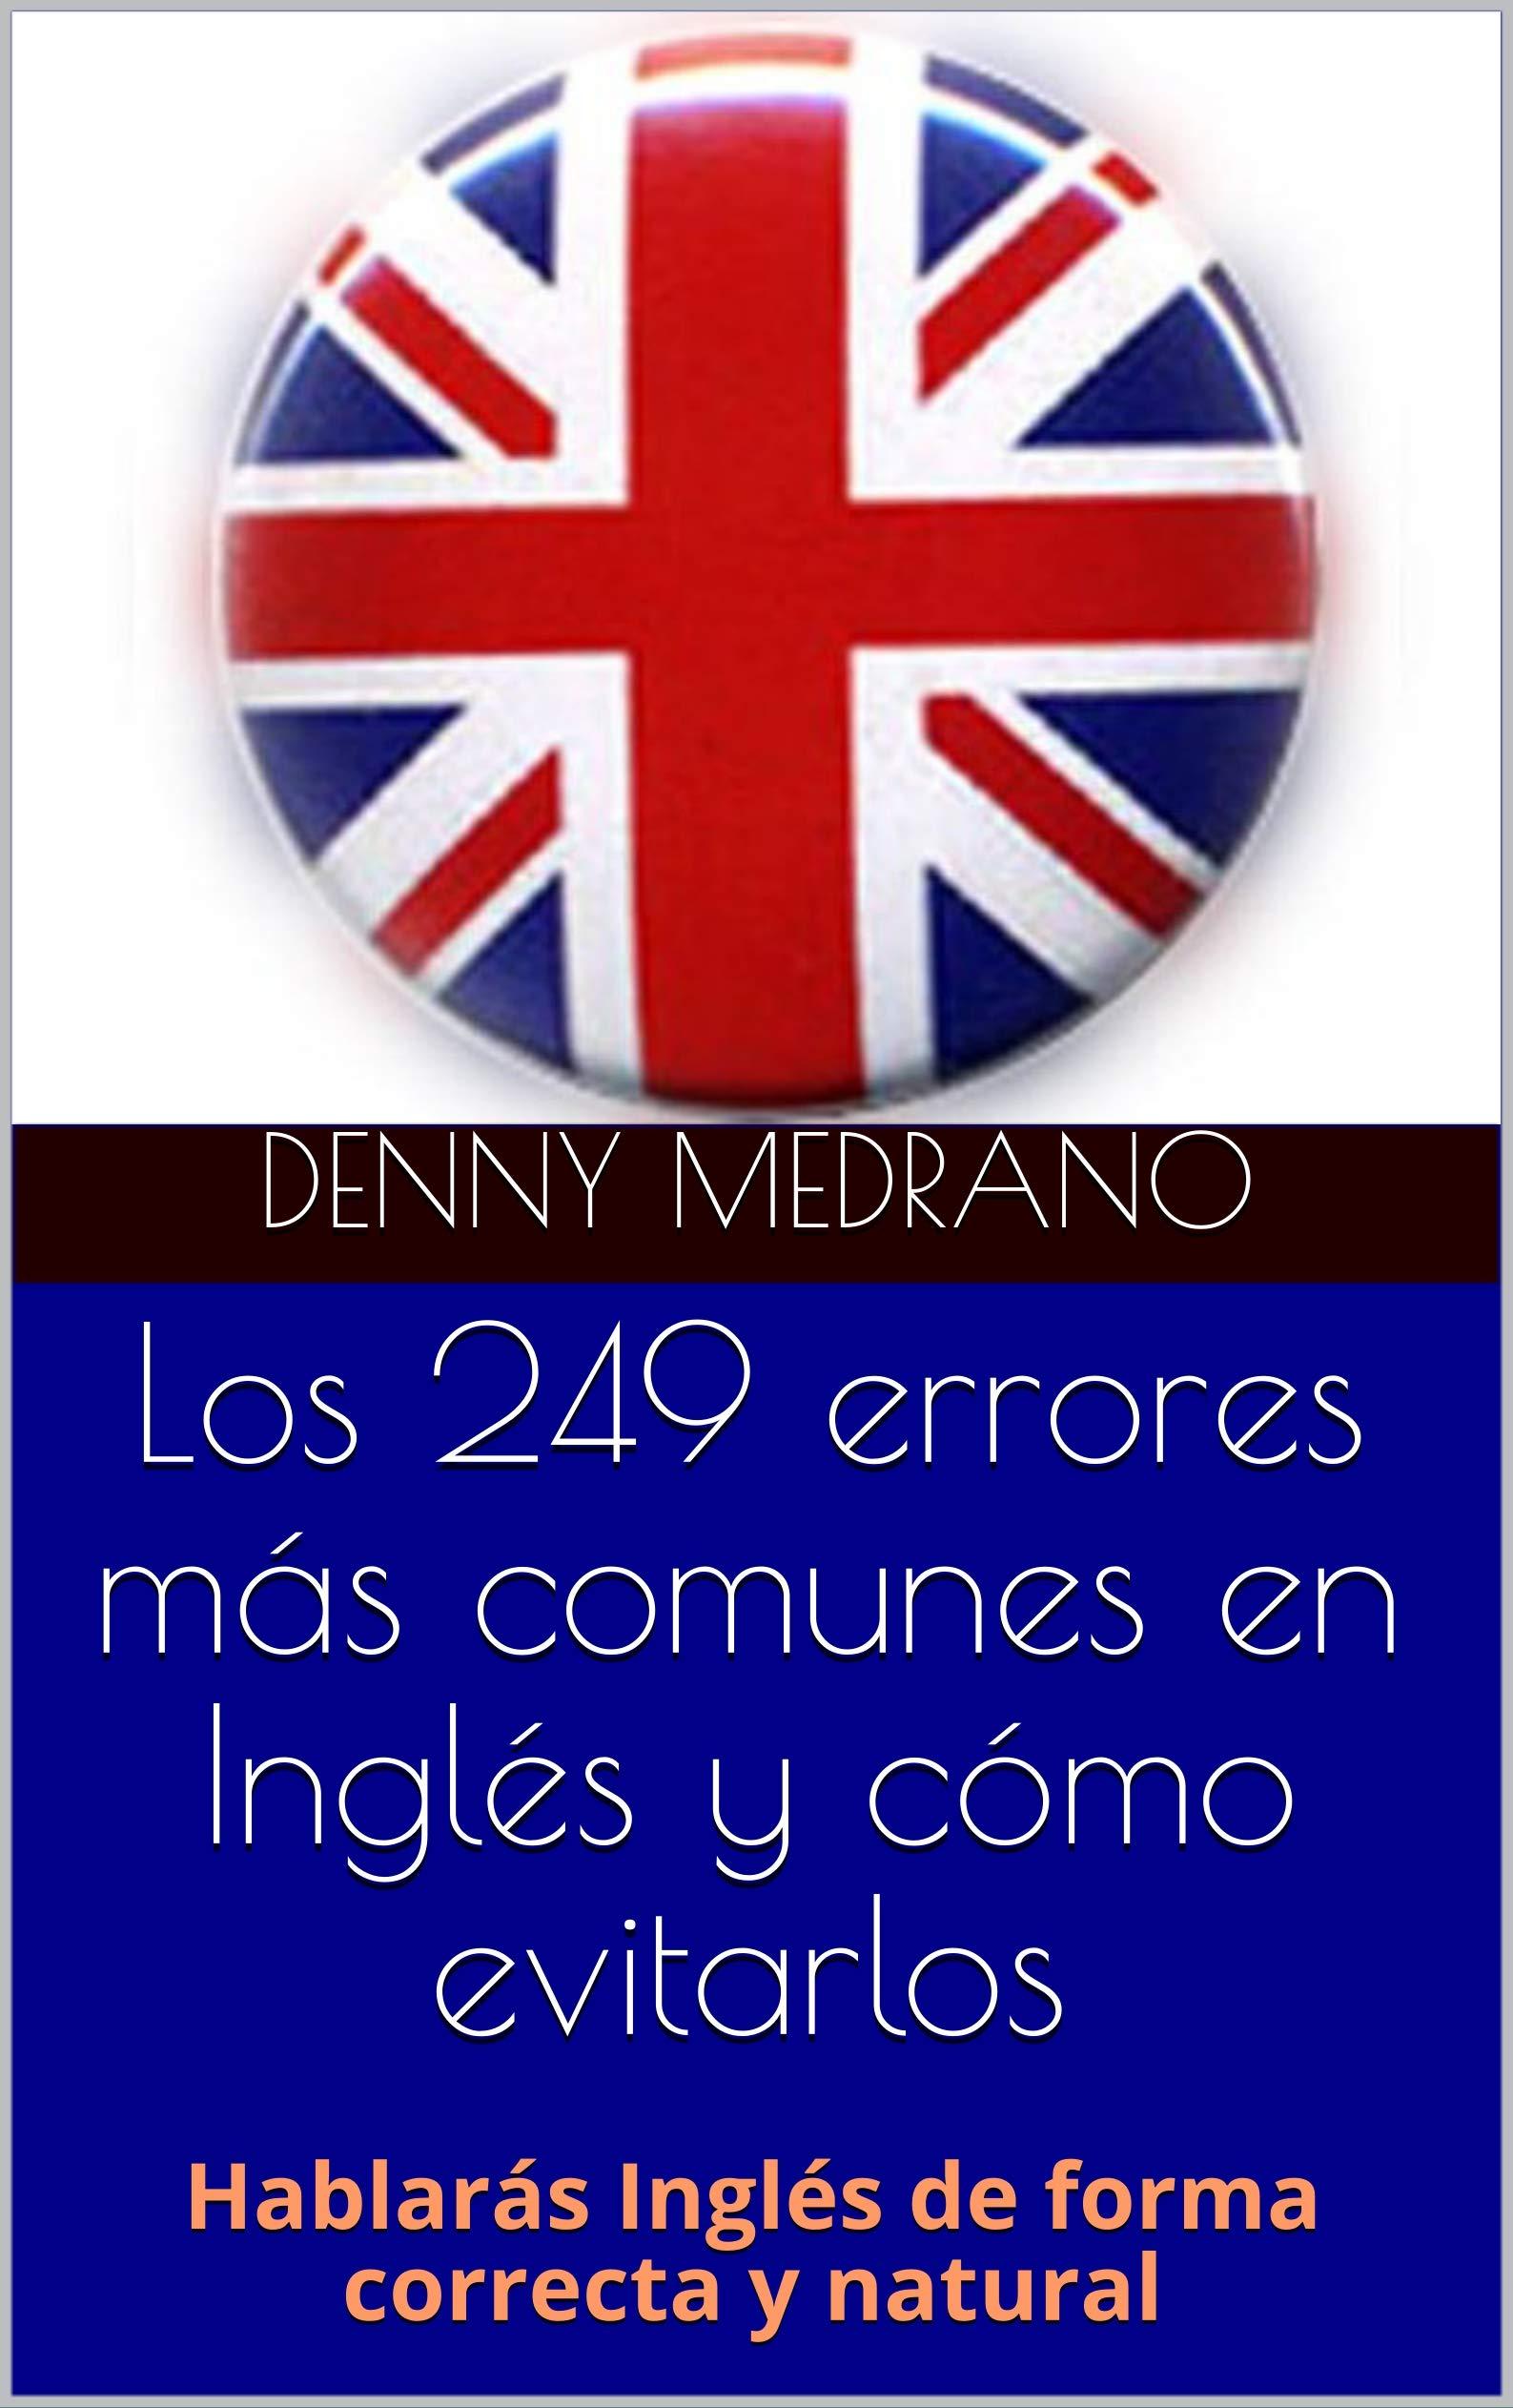 Los 249 errores más comunes en Inglés y cómo evitarlos: Hablarás Inglés de forma correcta y natural por Denny Medrano